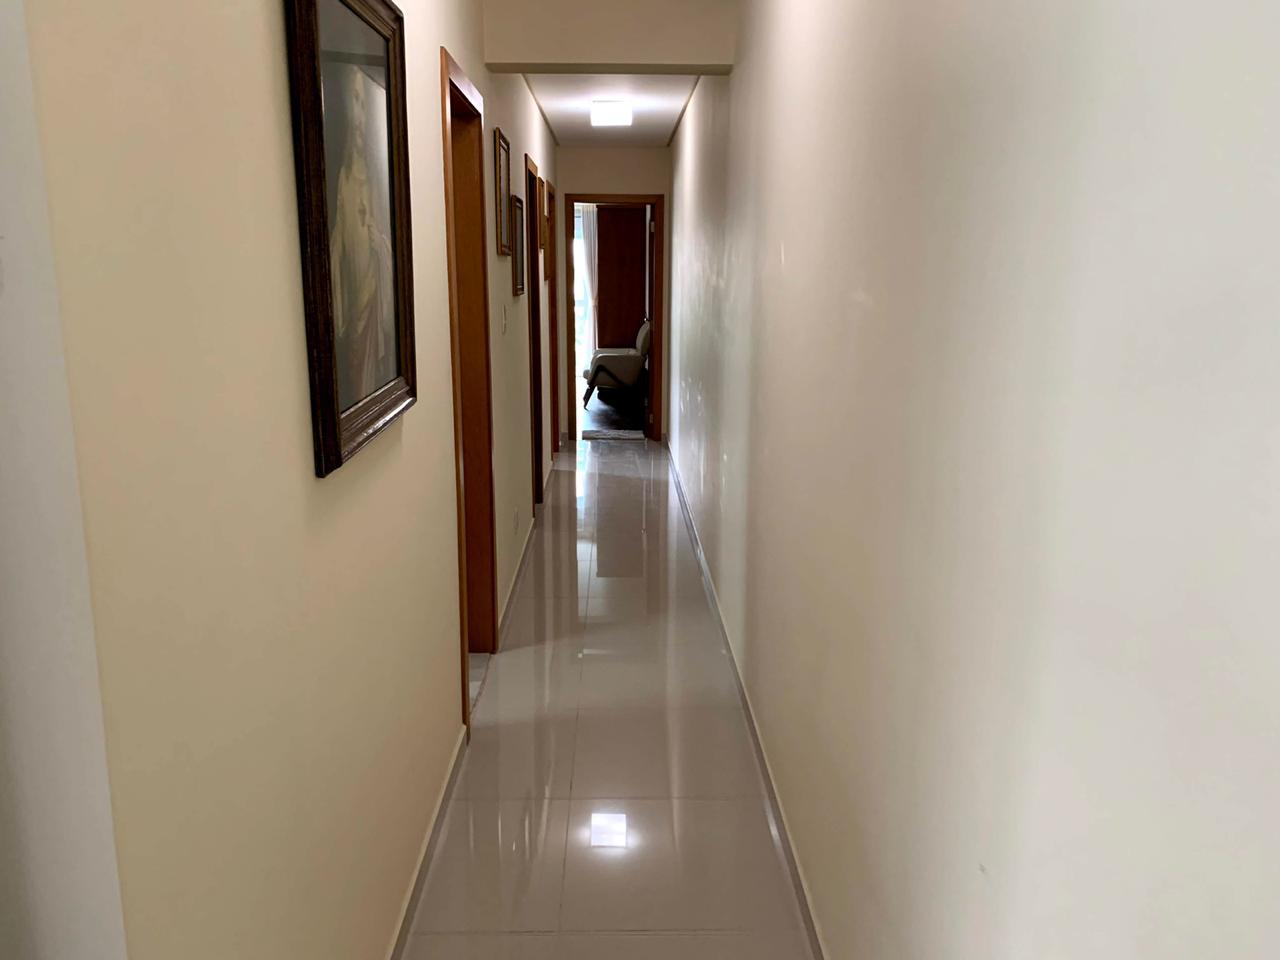 Excelente semi novo apartamento com 160m, uma quadra da Praia, Duas vagas de garagem, 3 suítes - foto 19